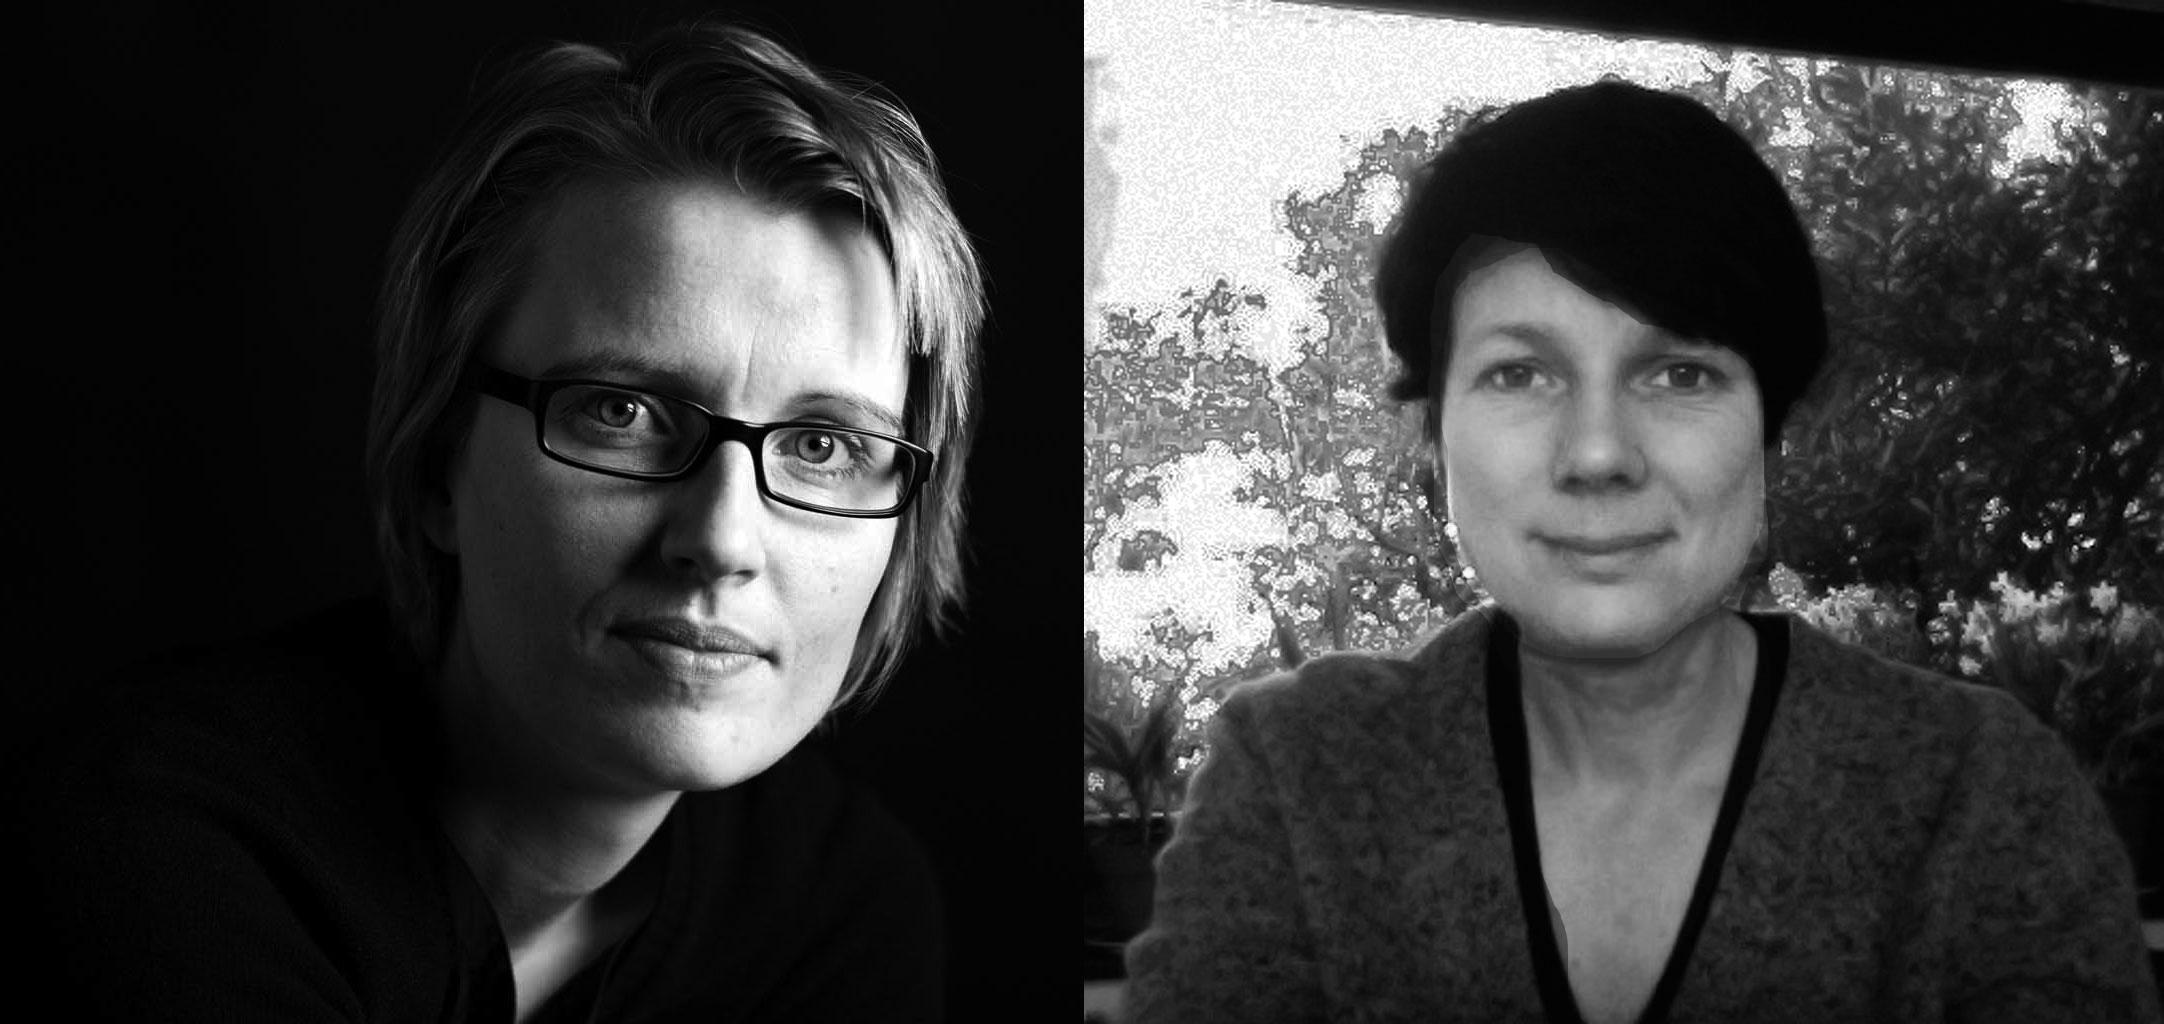 Eventbild für Swantje Karich (Frankfurter Allgemeine Zeitung) und Catrin Lorch (Süddeutsche Zeitung), Kunstkritikerinnen, im Gespräch